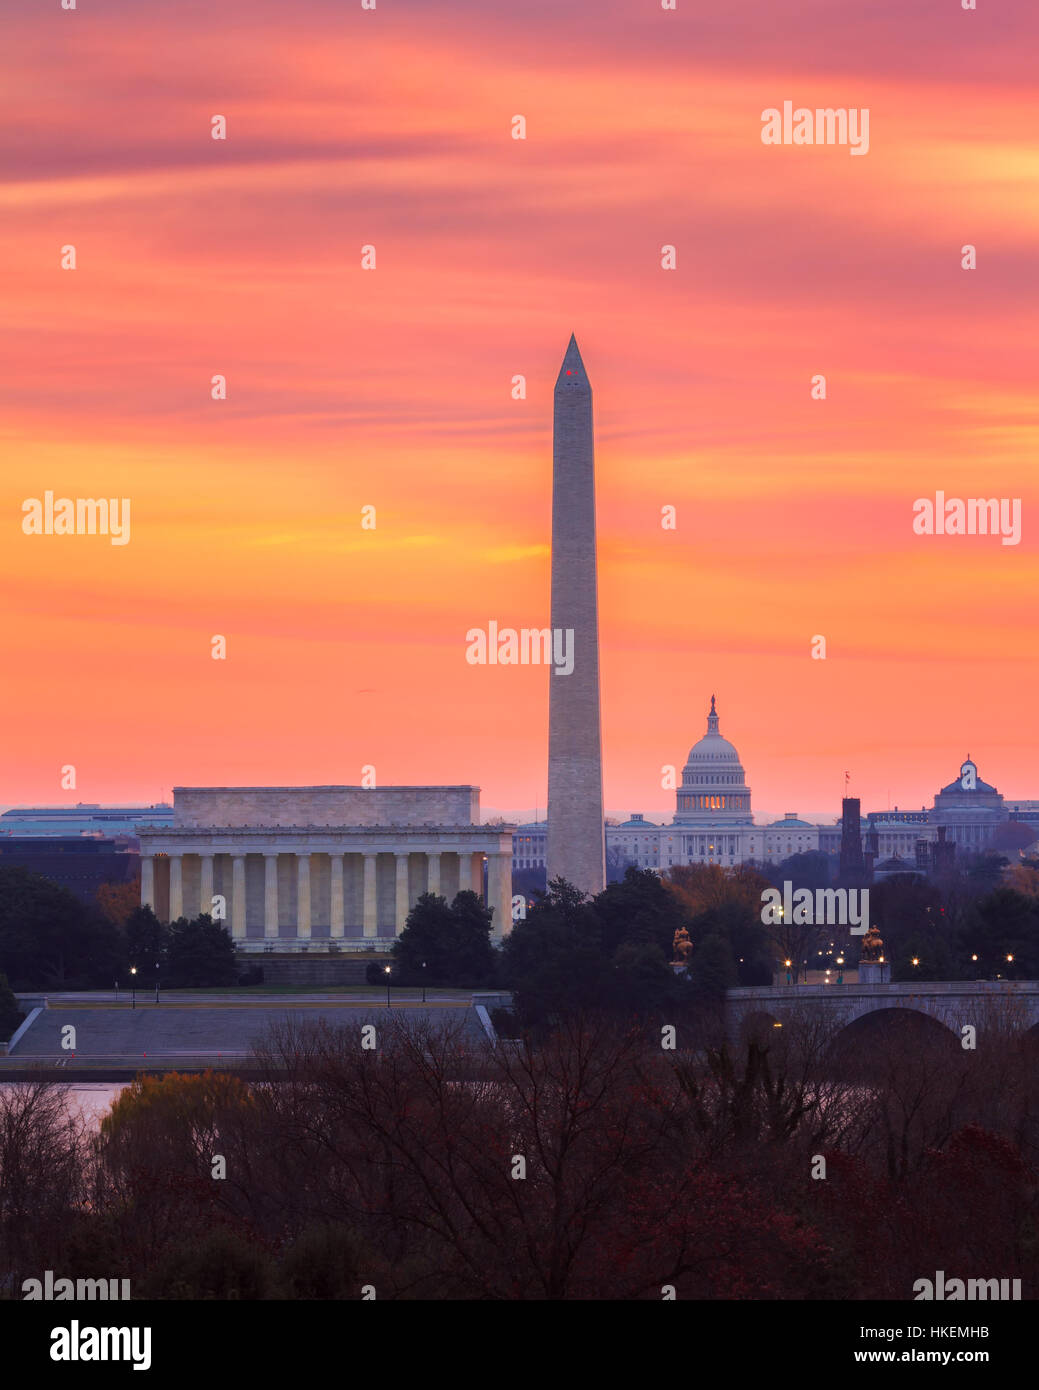 Amanecer en la capital, Washington, D.C. Imagen De Stock